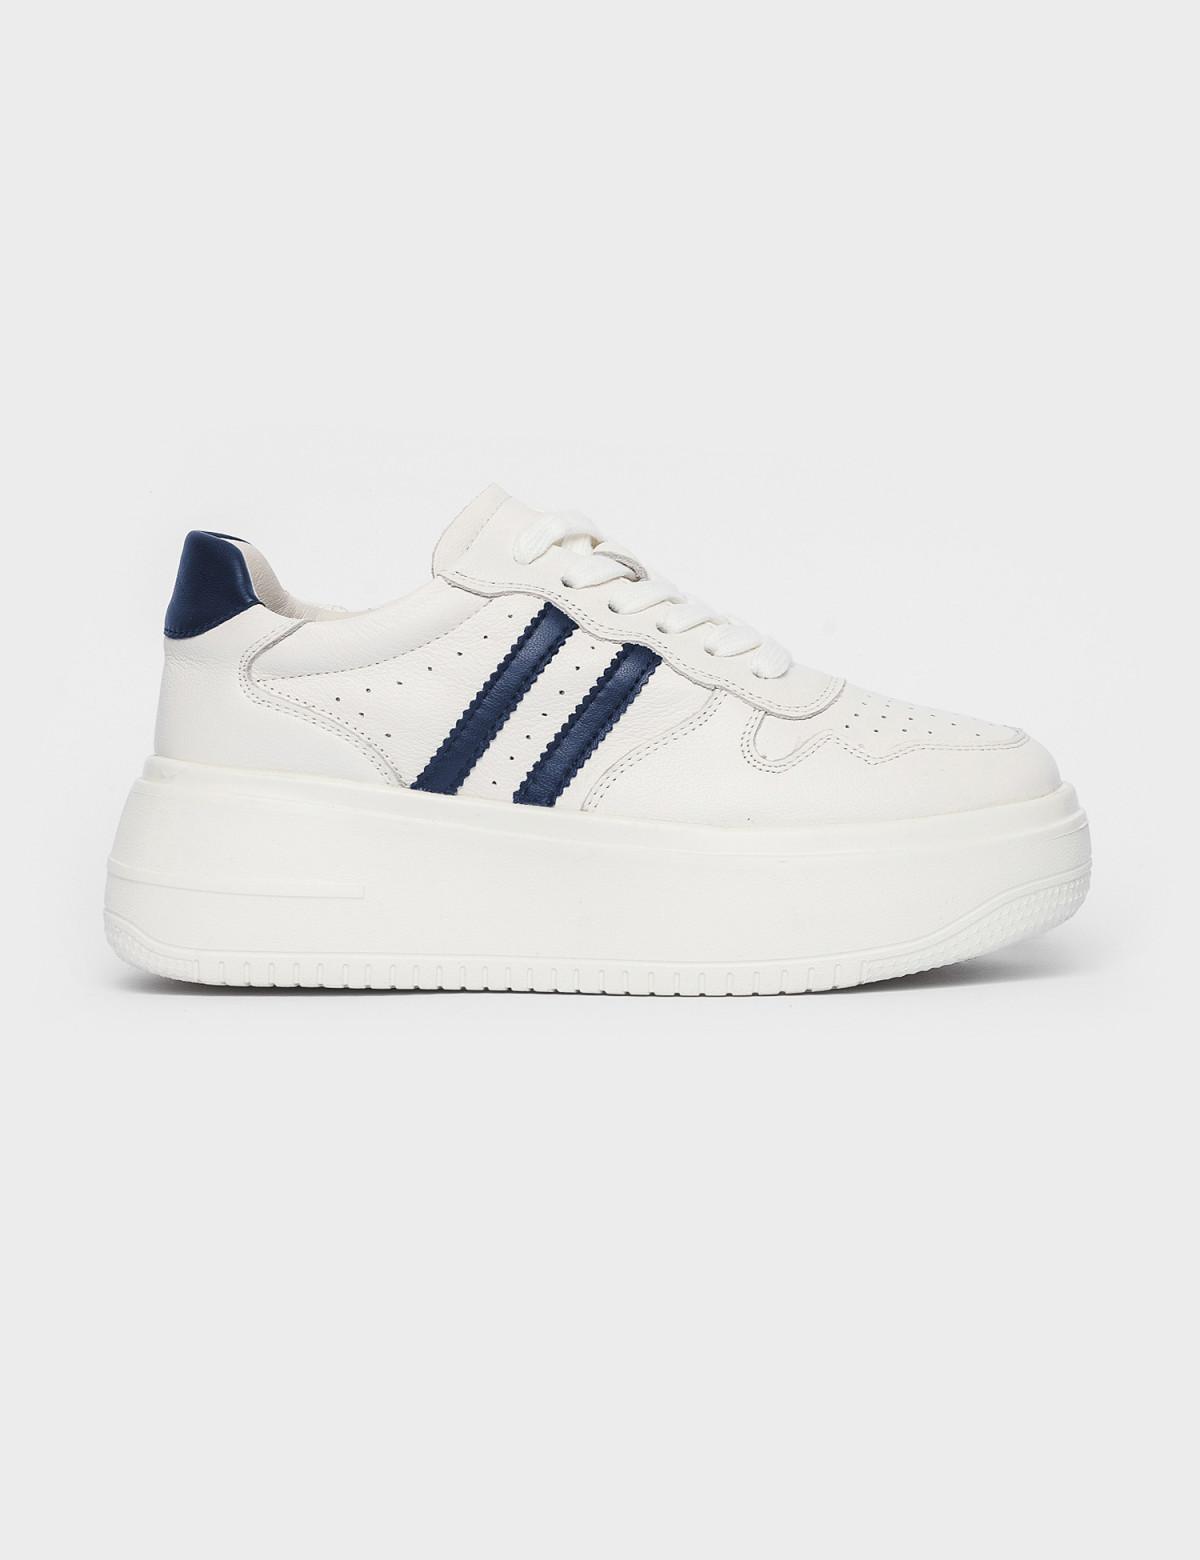 Кросівки білі/сині. Натуральна шкіра